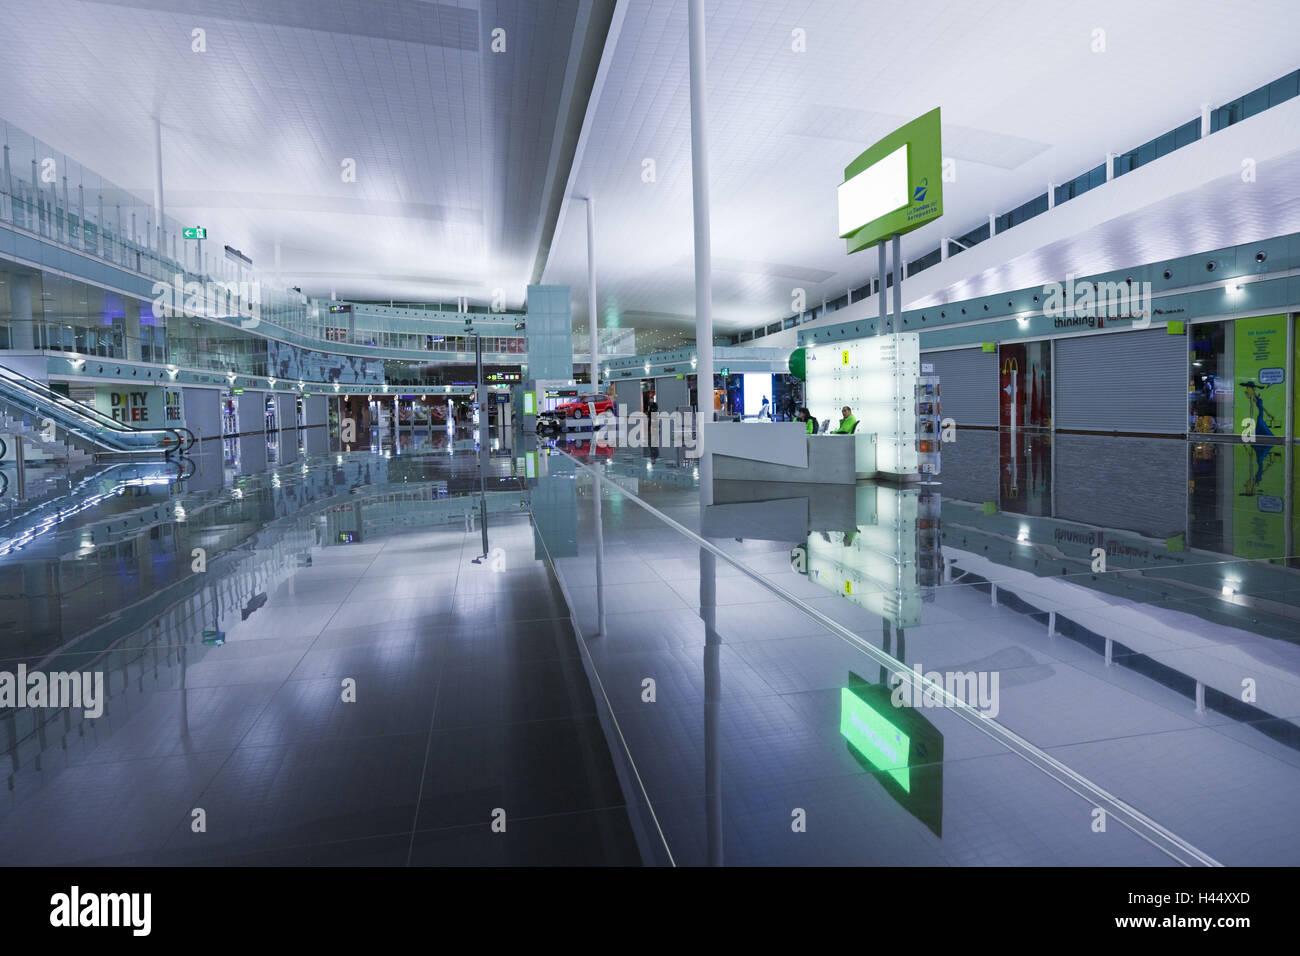 In Spagna, in Catalogna, Barcellona, airport arrival lounge, Immagini Stock